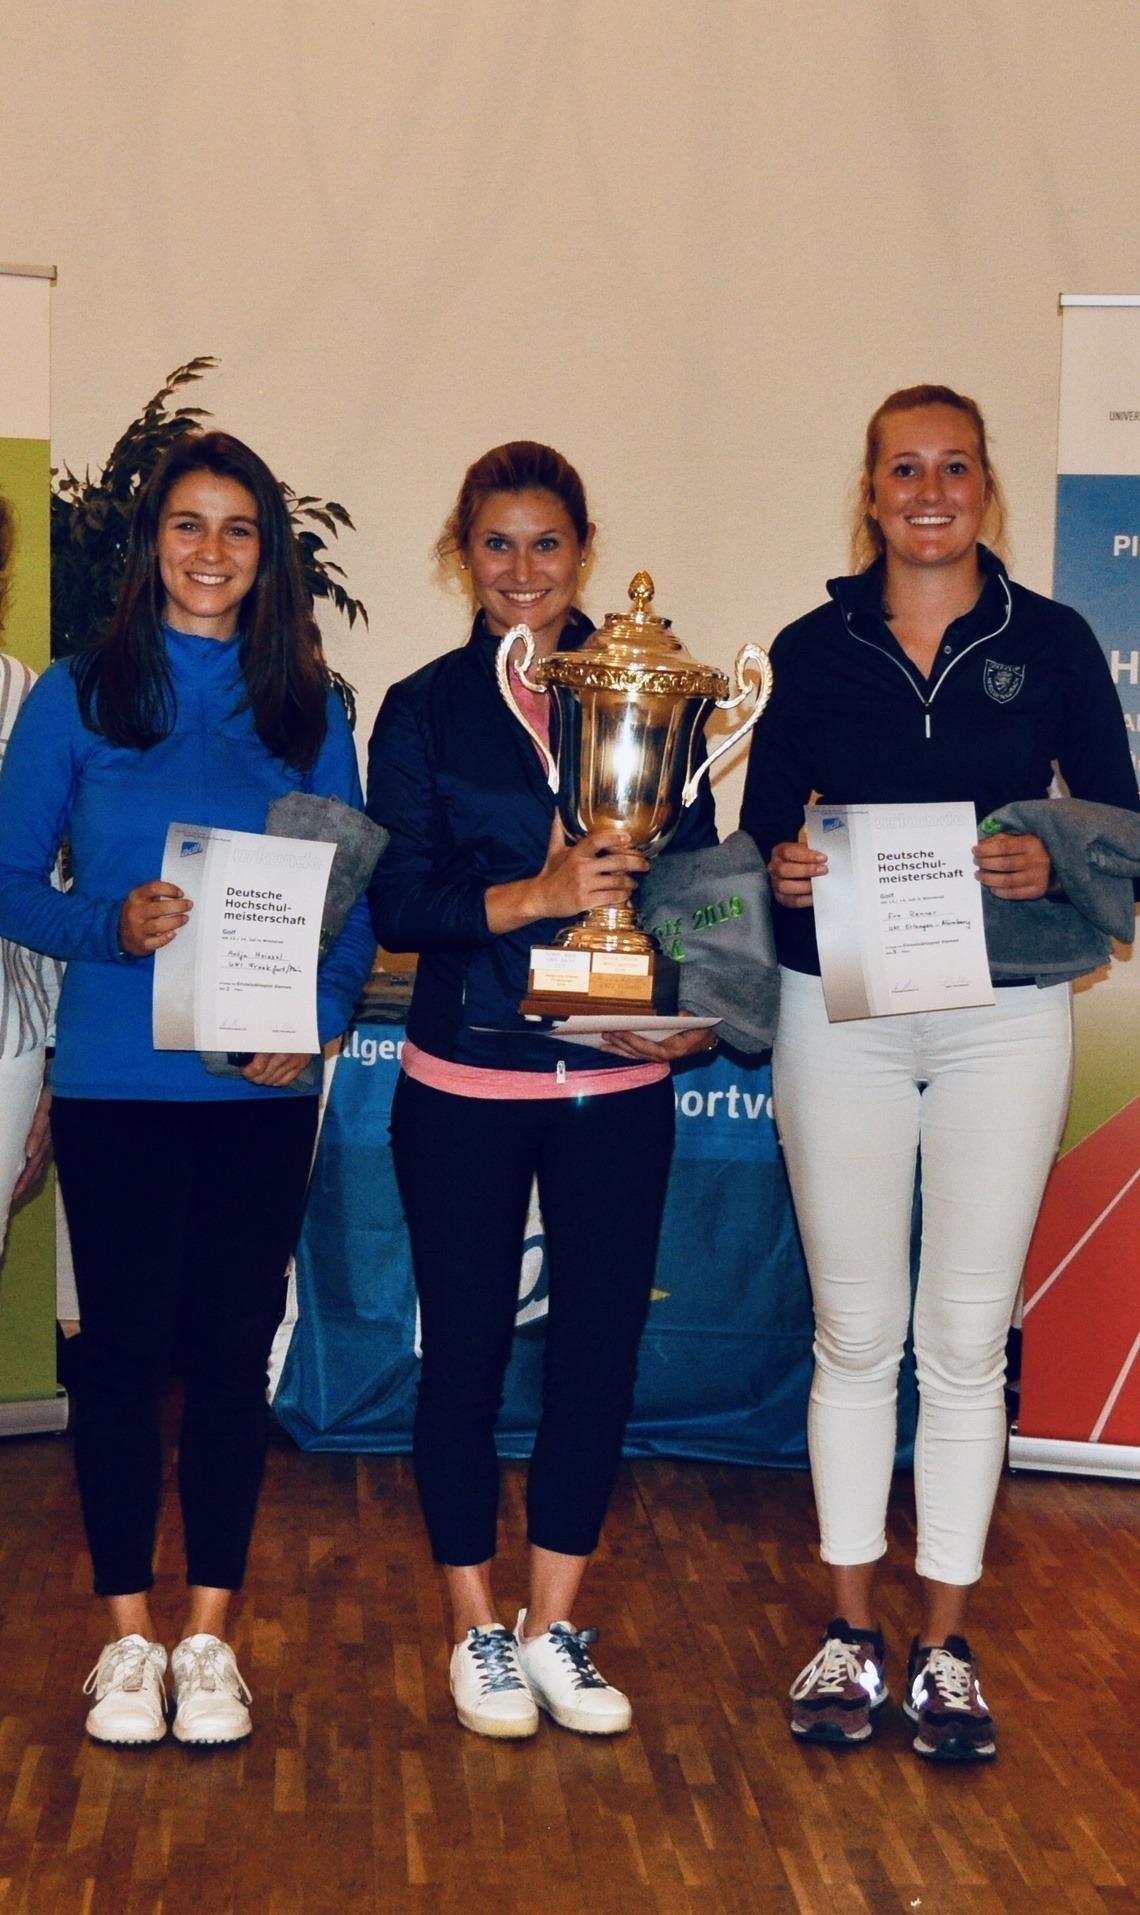 Die Siegerin Isabel Jensch flankiert von der Zweitplatzierten Antje Heissel, links, und der Dritten